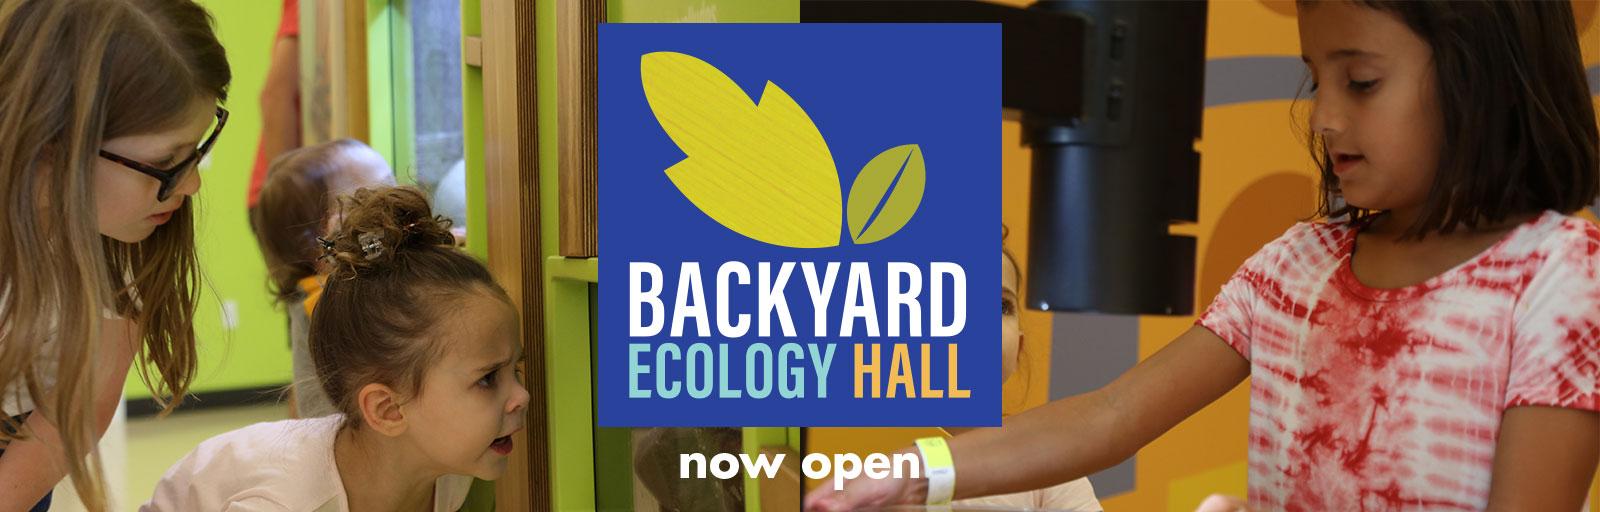 backyardecology-nowopen-october2019